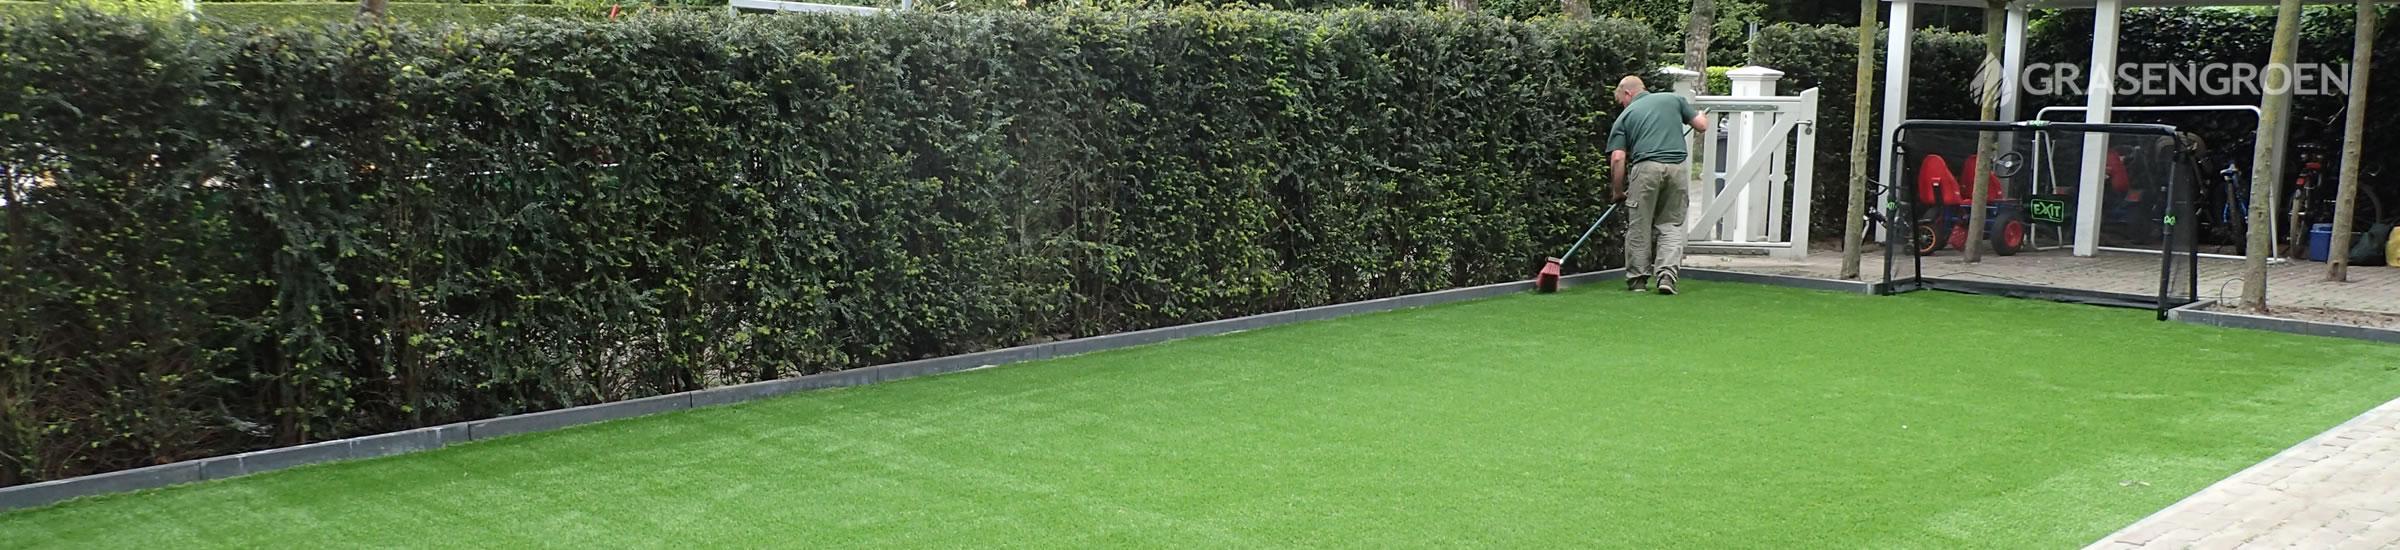 kunstgras hockeyveld • Gras en Groen Kunstgras